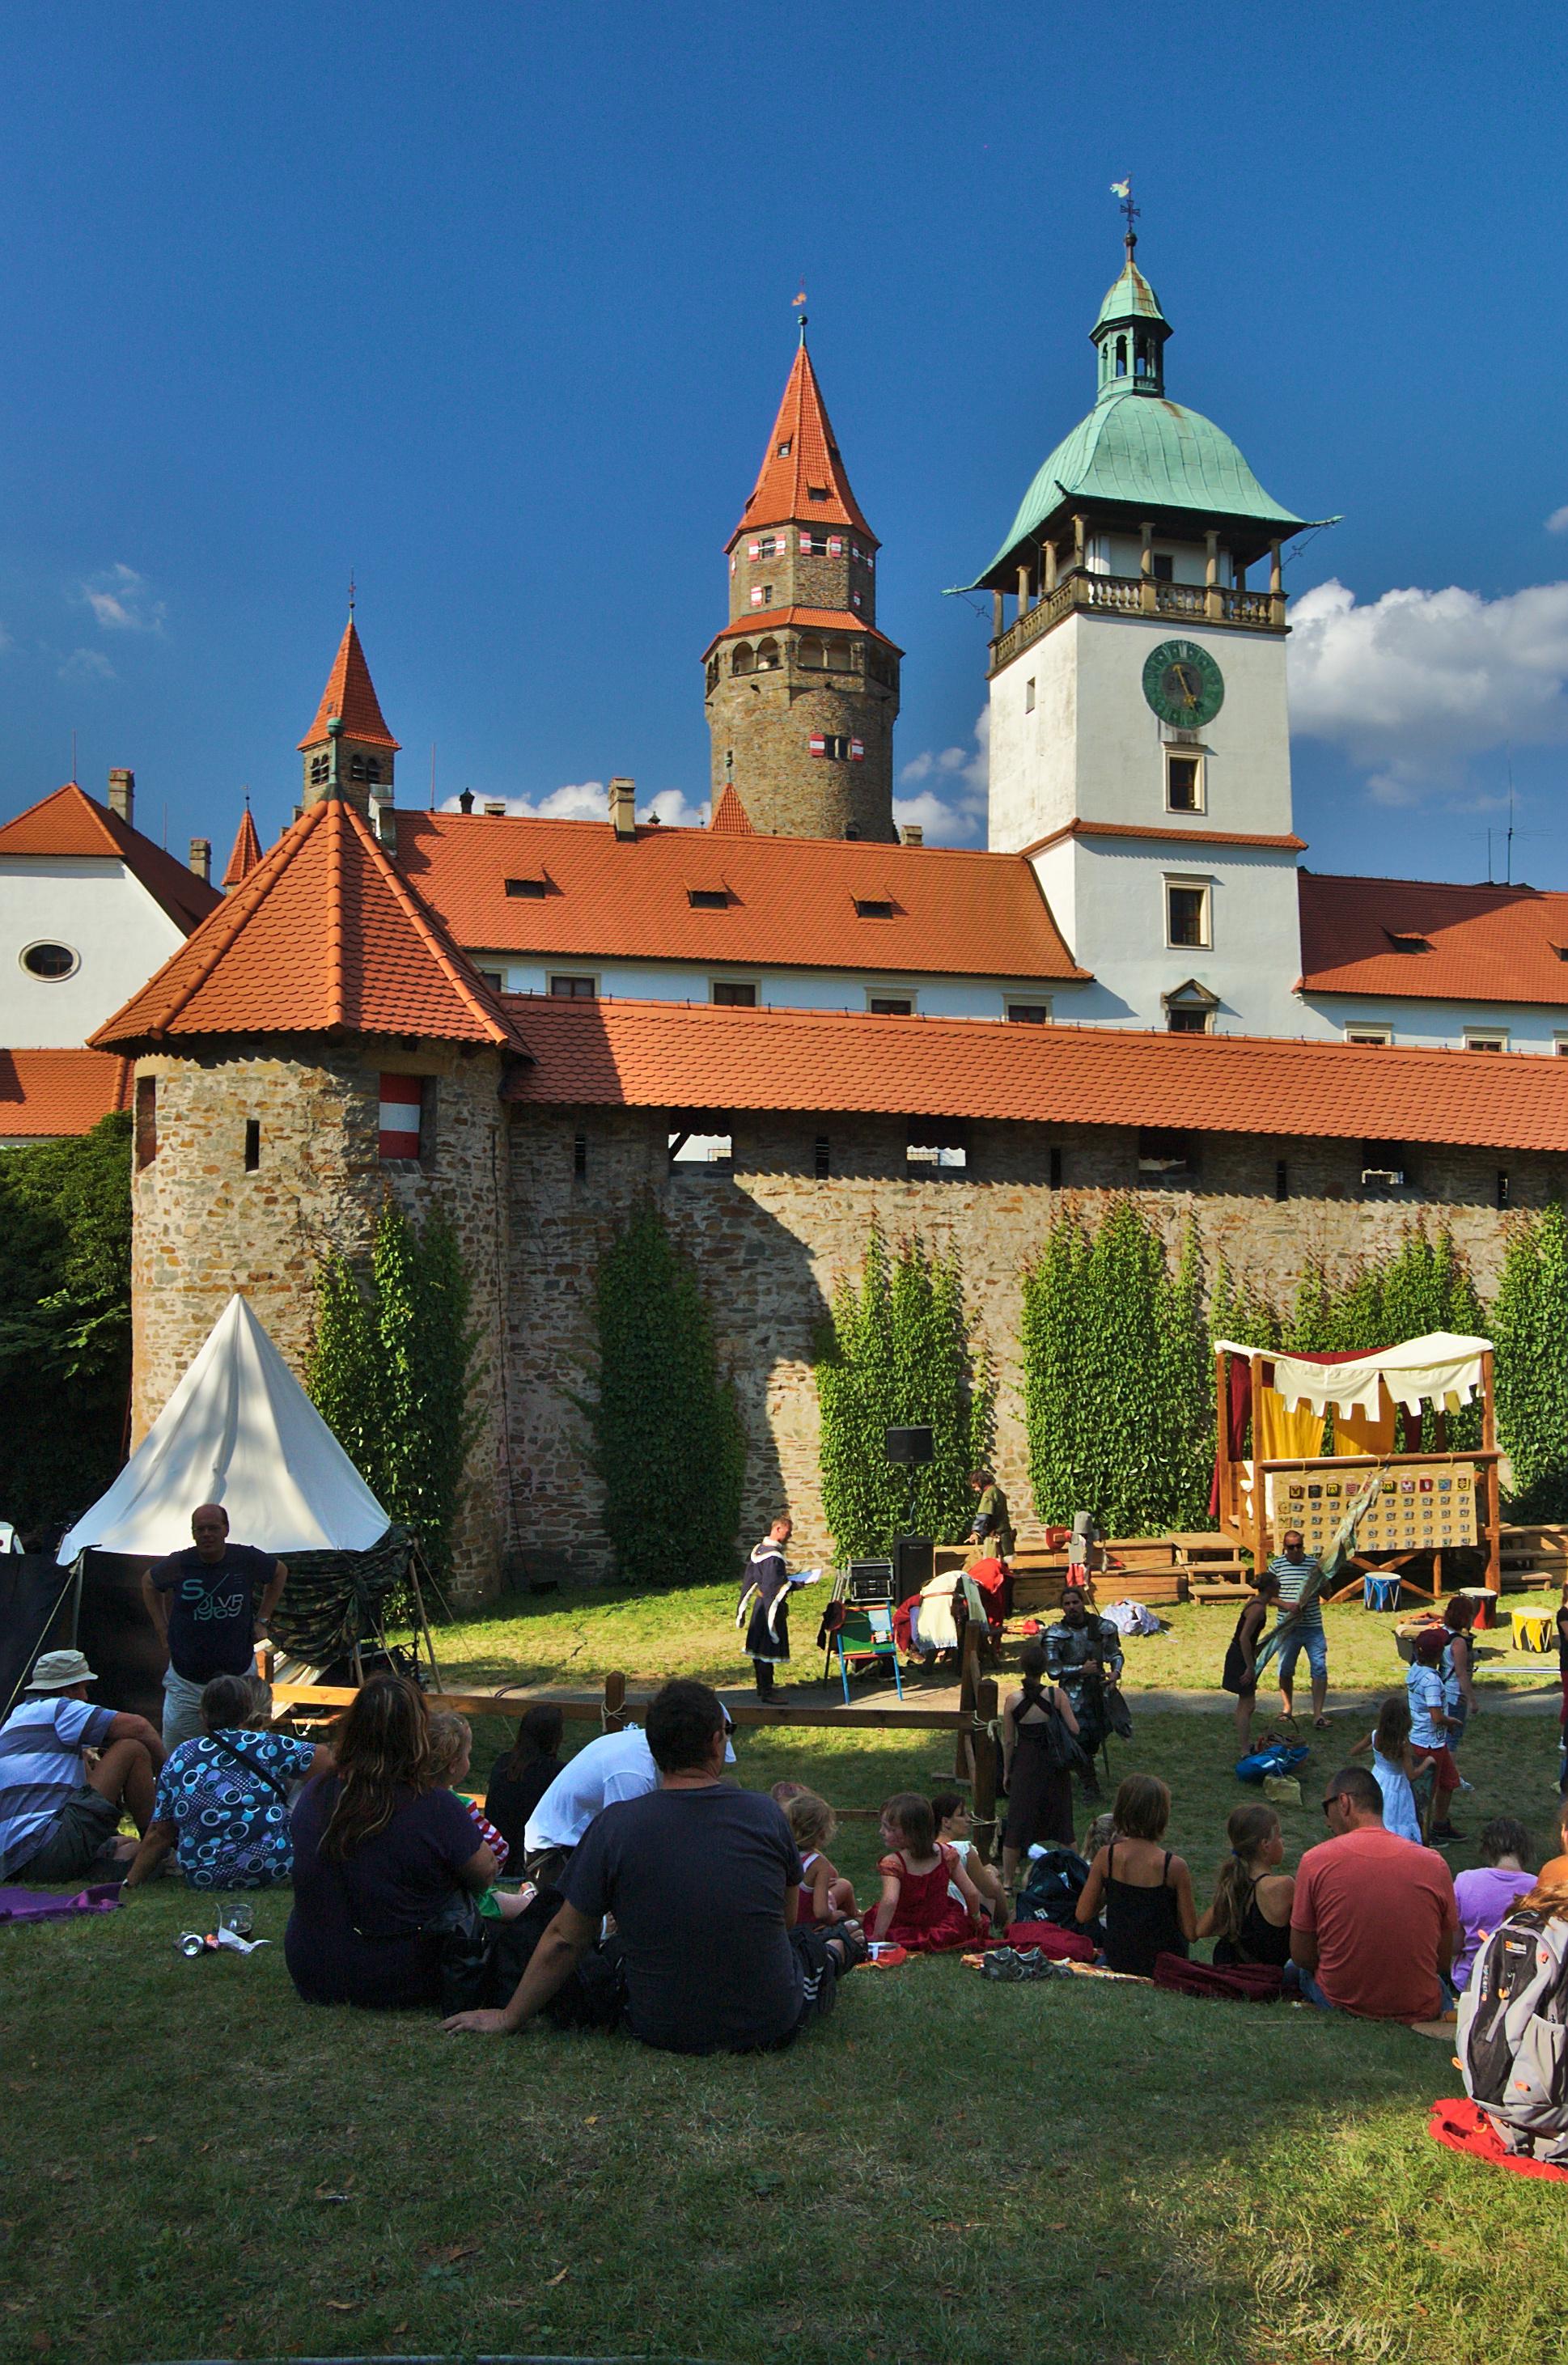 Výsledek obrázku pro hrad bouzov wikipedia